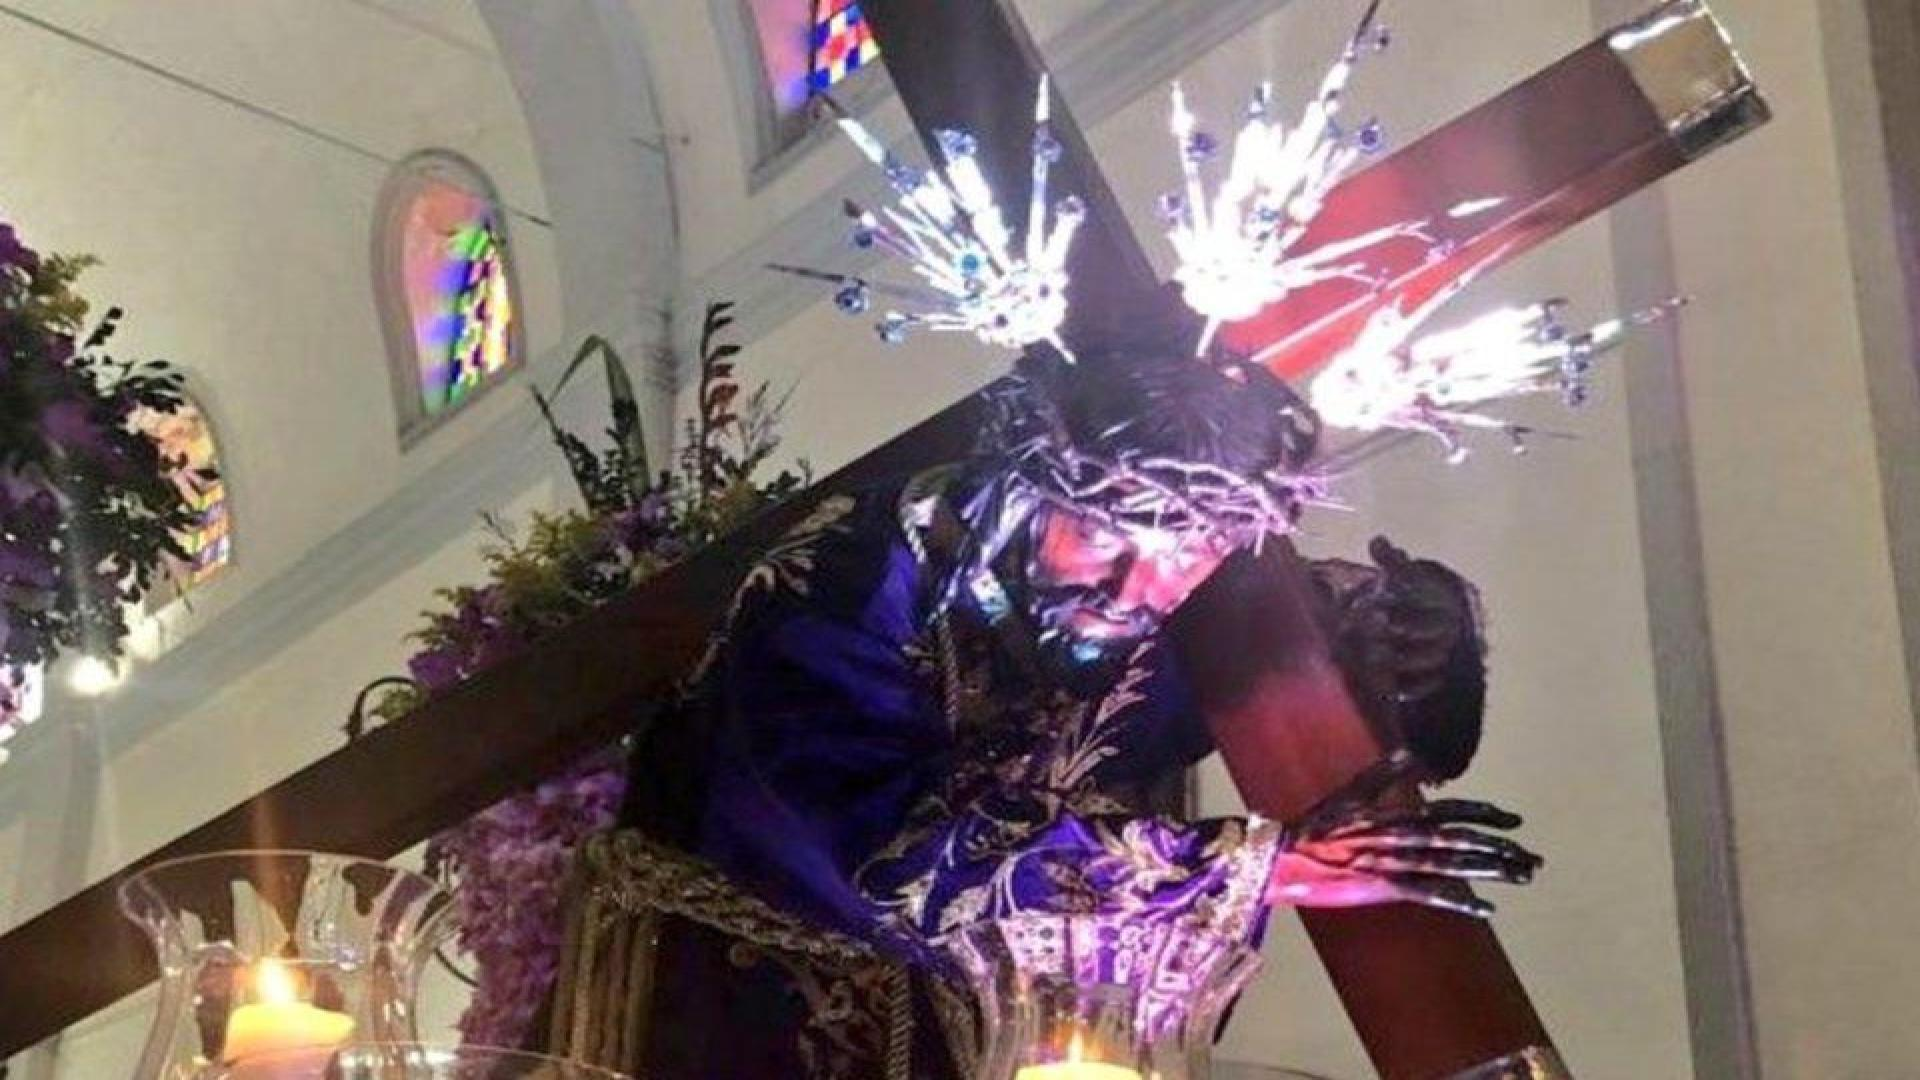 Gobierno impide recorrido del Nazareno de San Pablo programado para este #8Mar